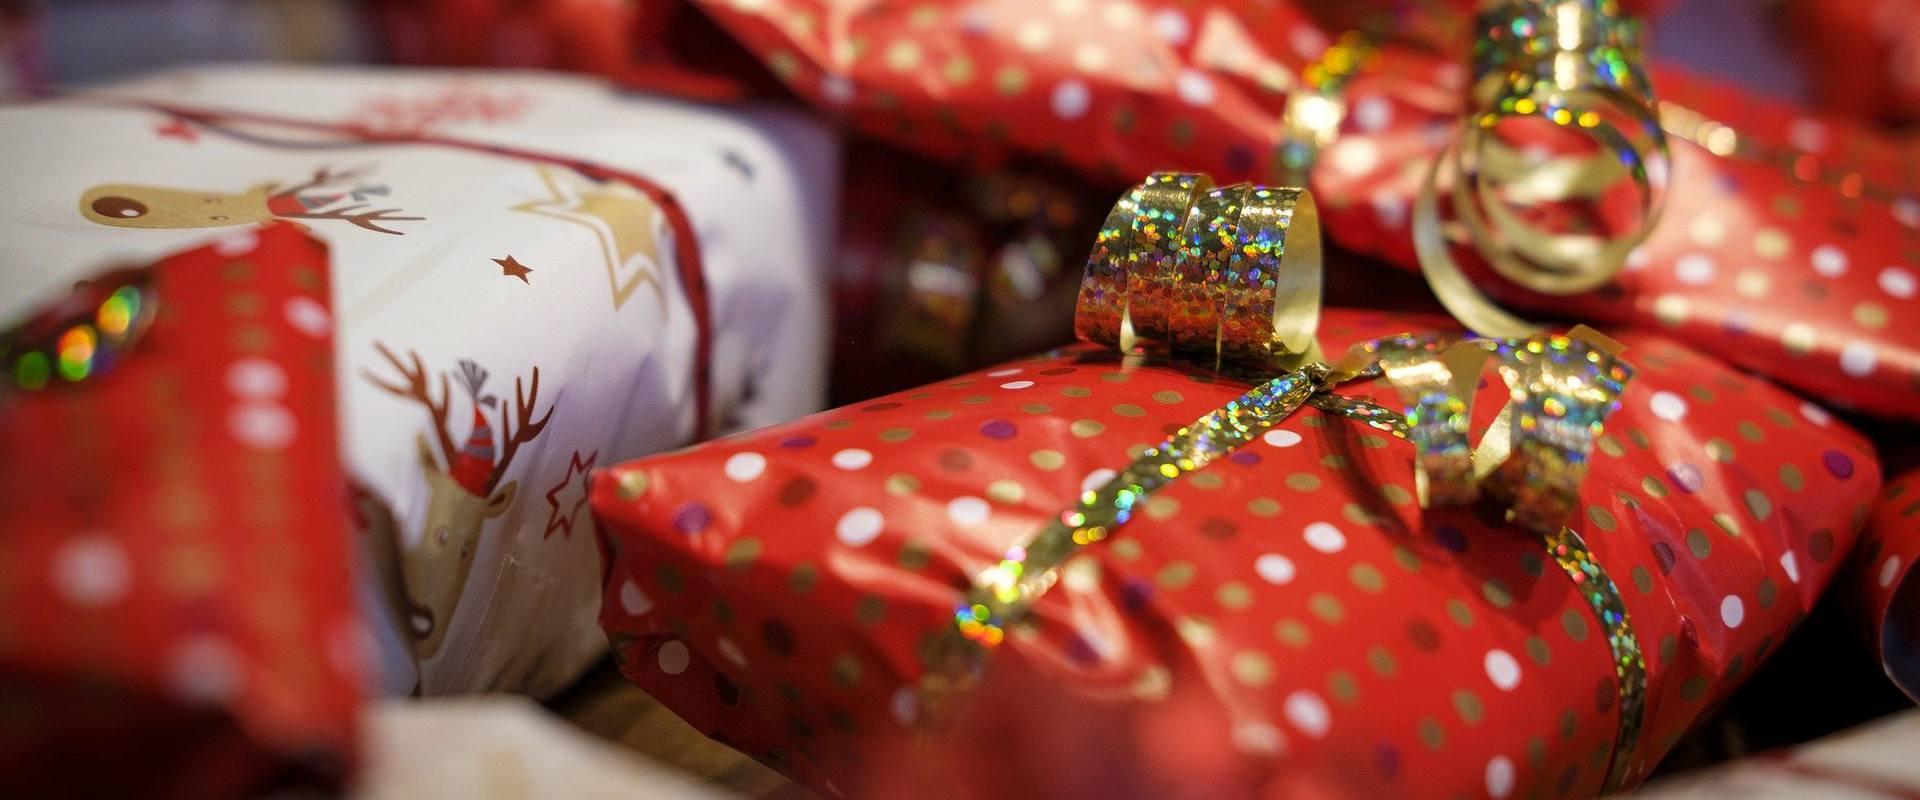 Natale ed il regalo perfetto